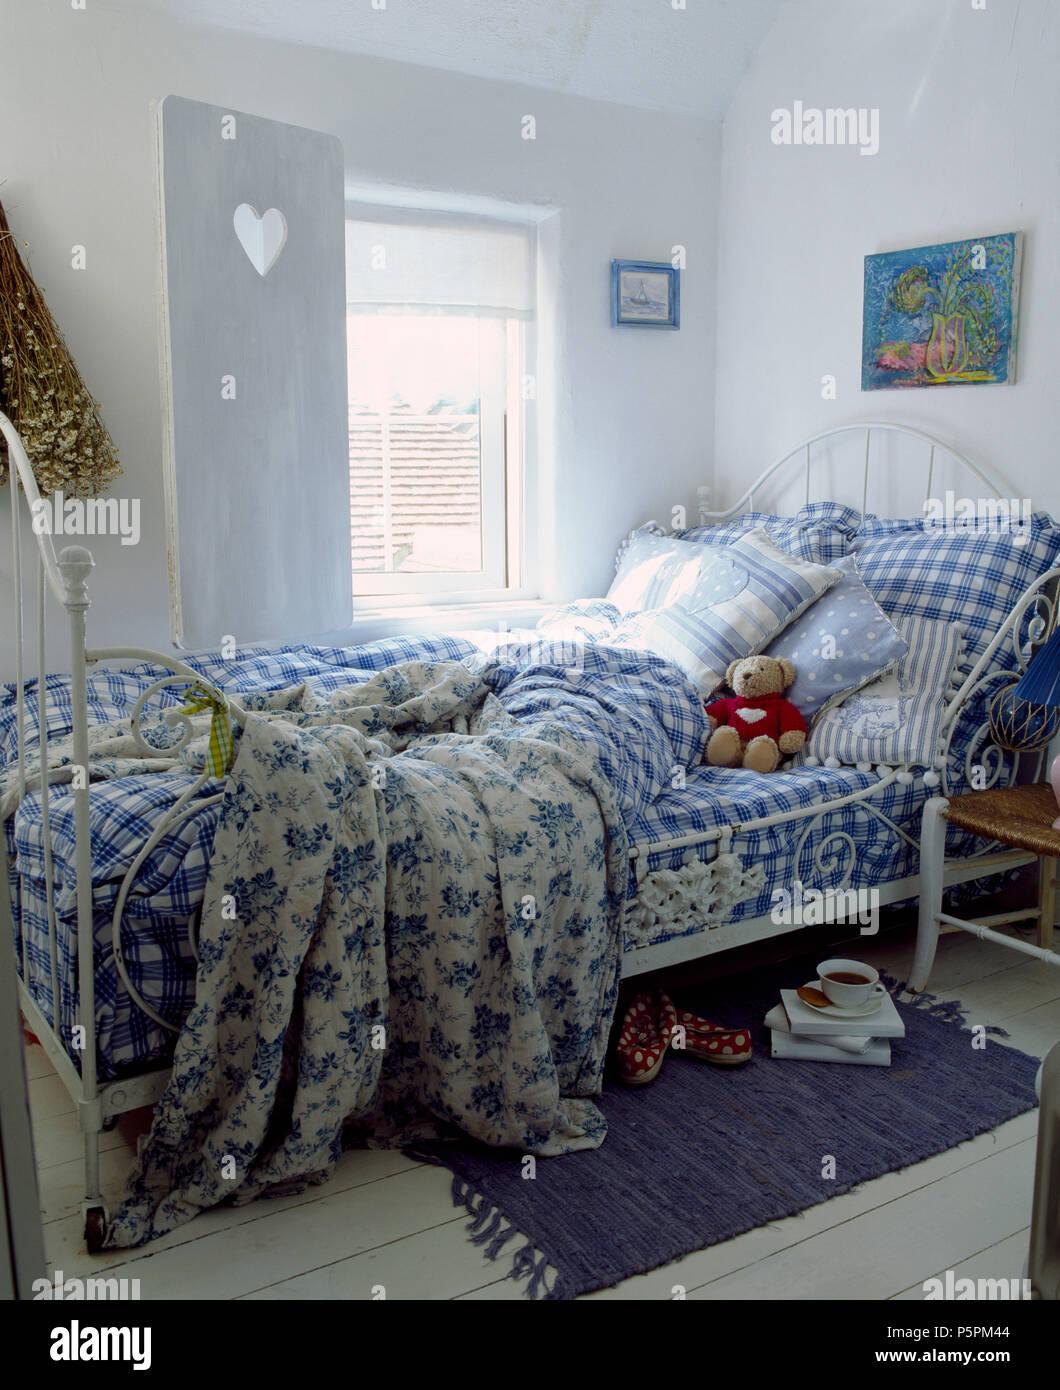 buy popular 114f7 a8f9b Blue+bianco a scacchi biancheria da letto e piumini floreali ...